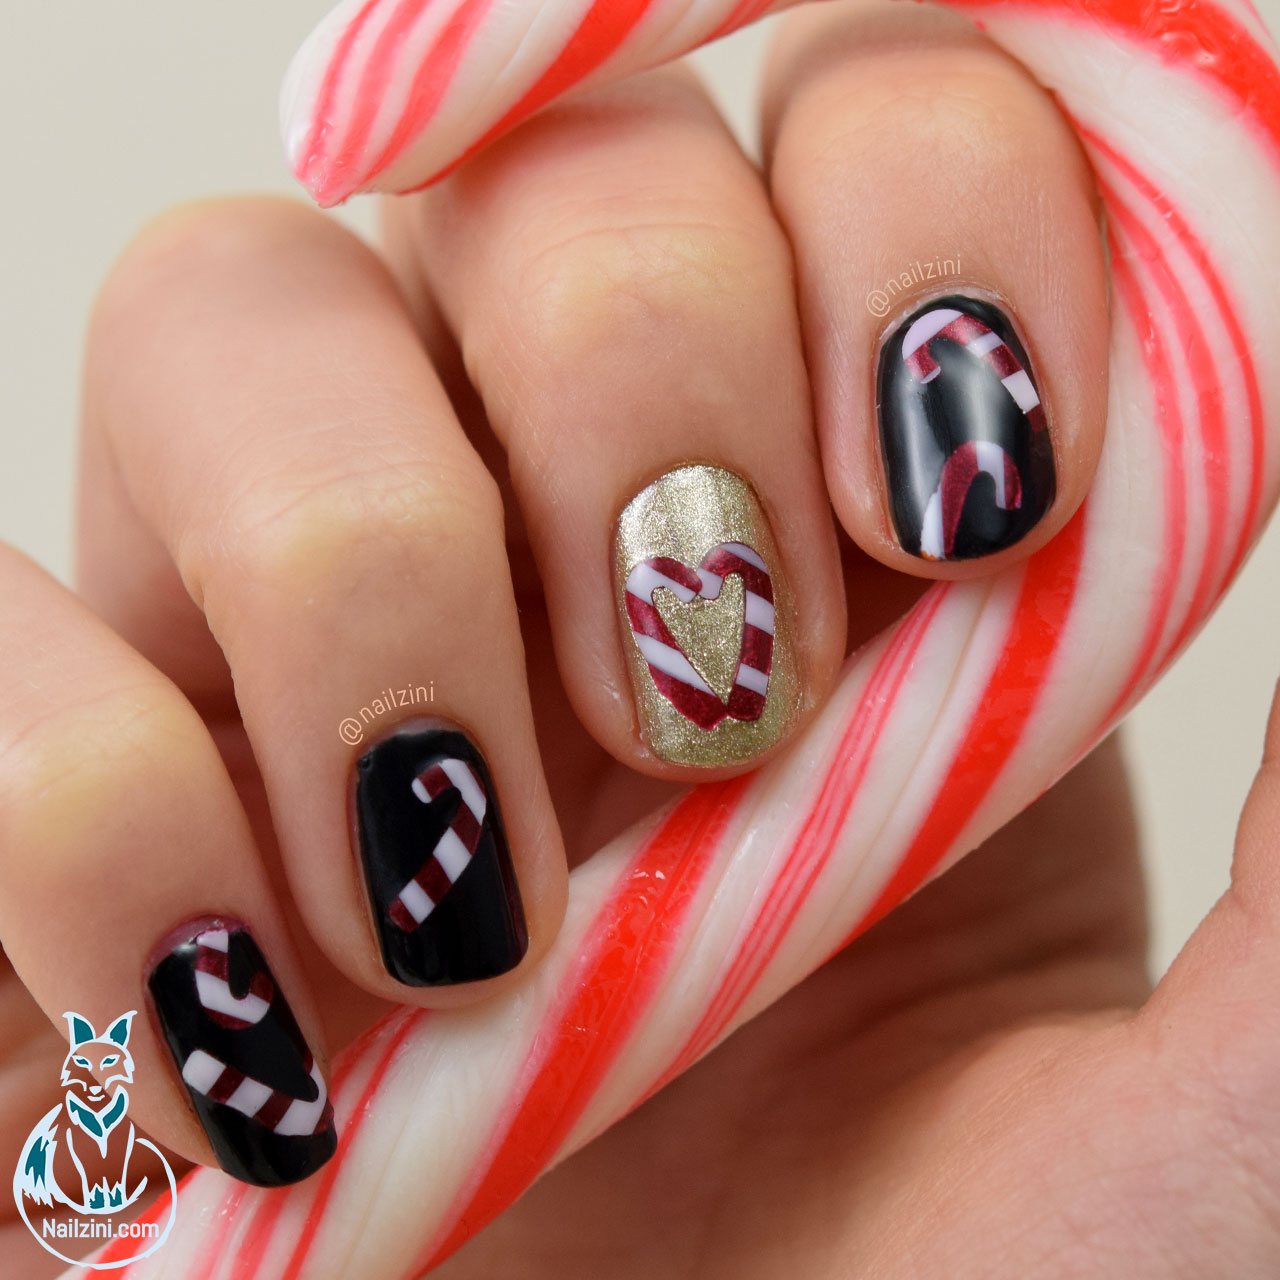 Candy Cane Christmas Nail Art Nailzini A Nail Art Blog